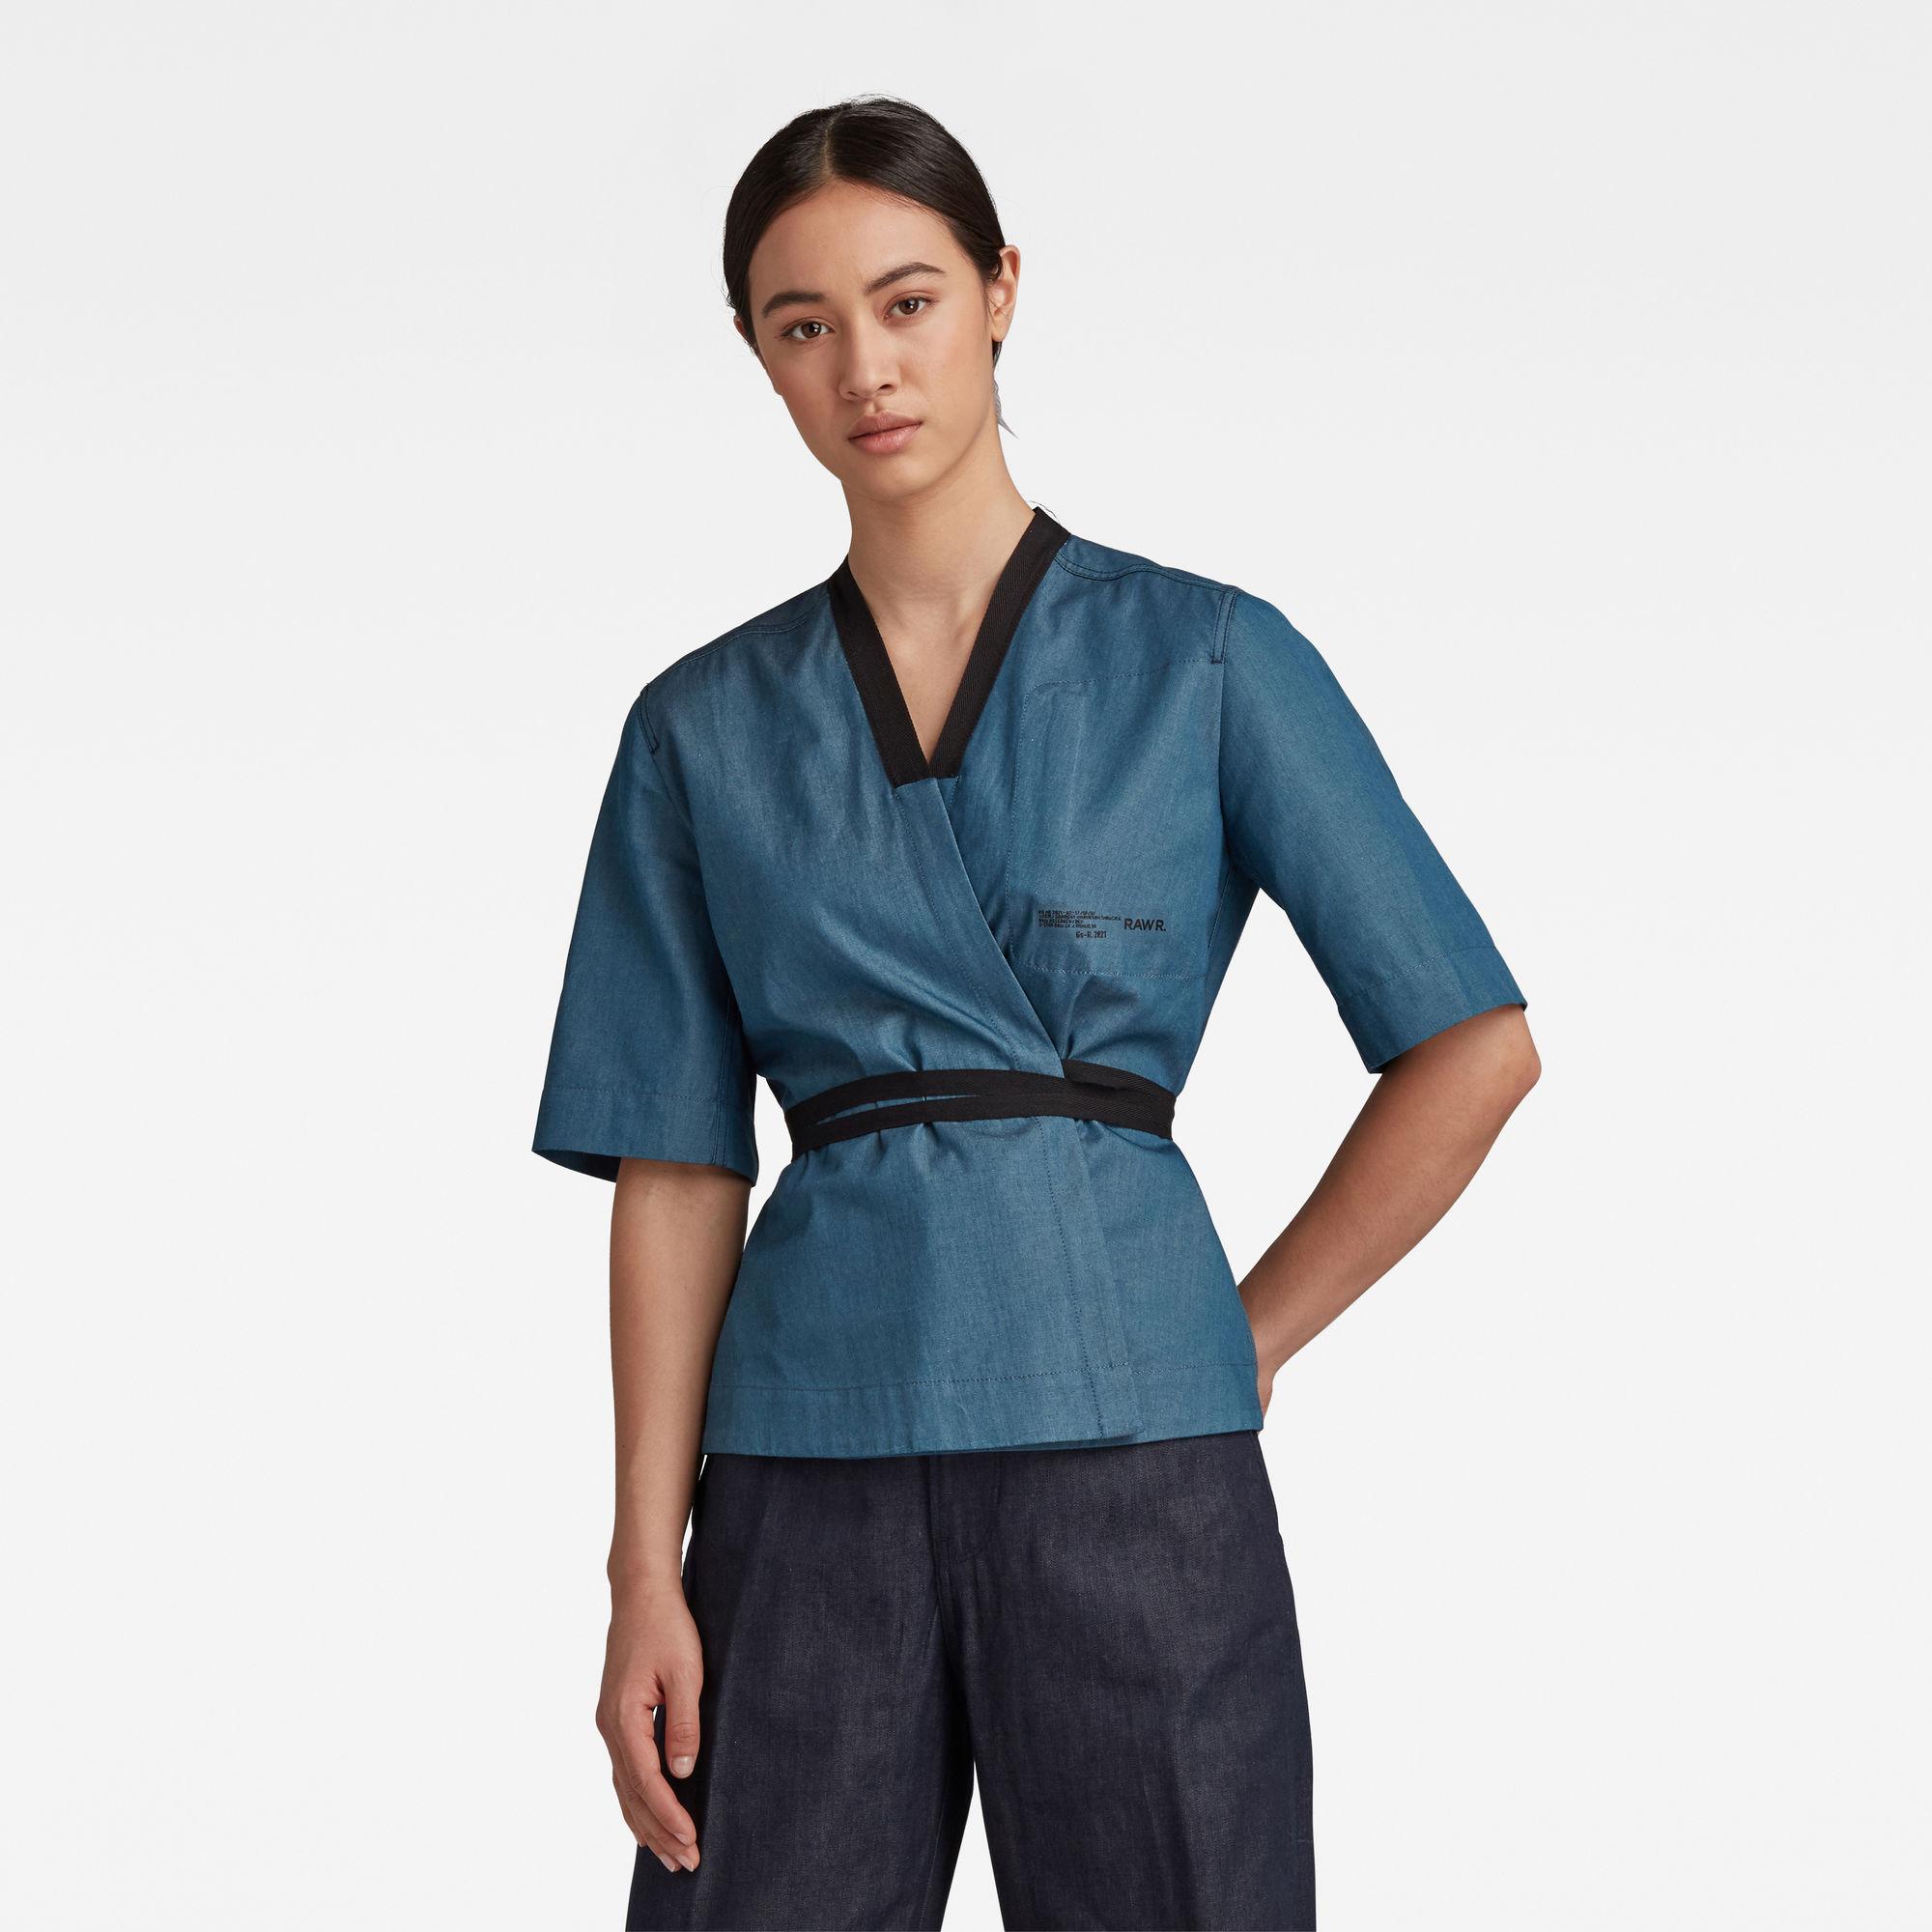 G-Star RAW Dames GSRR Undershirt Donkerblauw